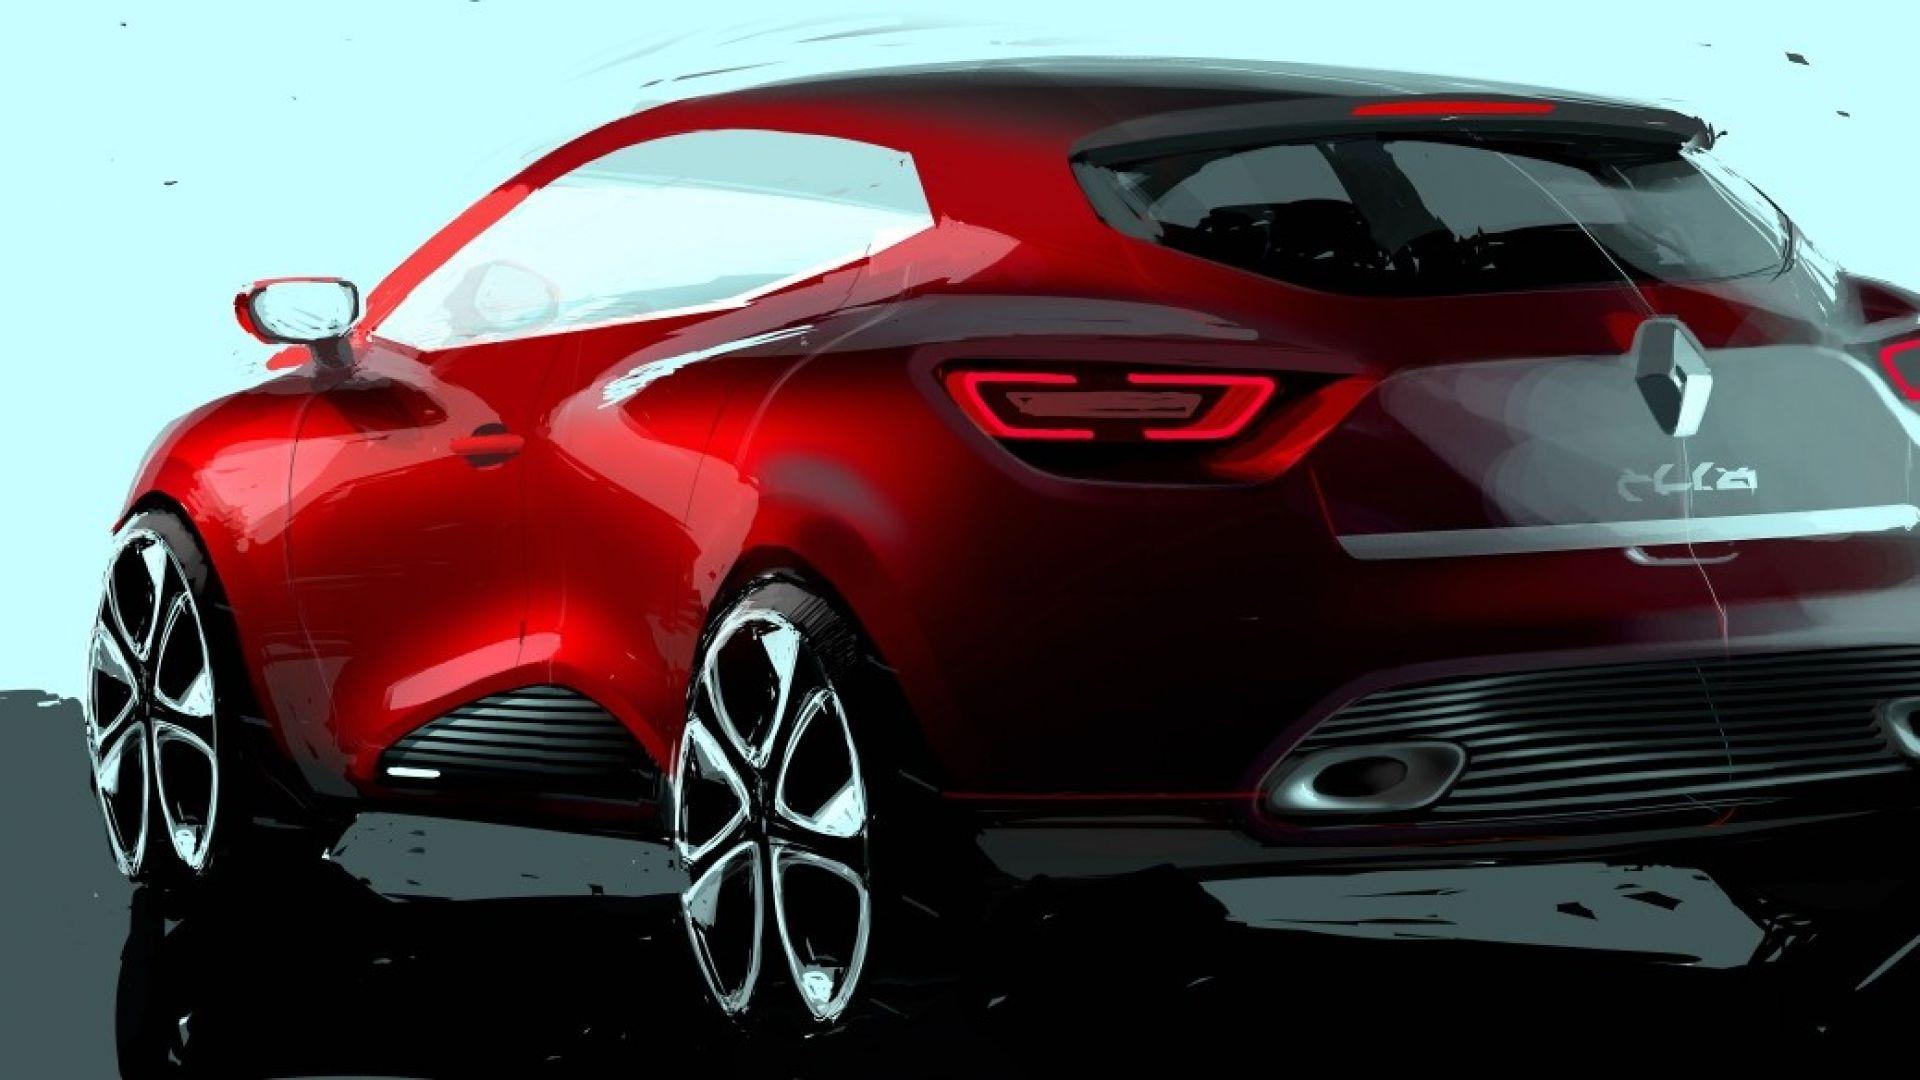 Nuova Renault Clio 5 2019: foto, dimensioni, motori ...